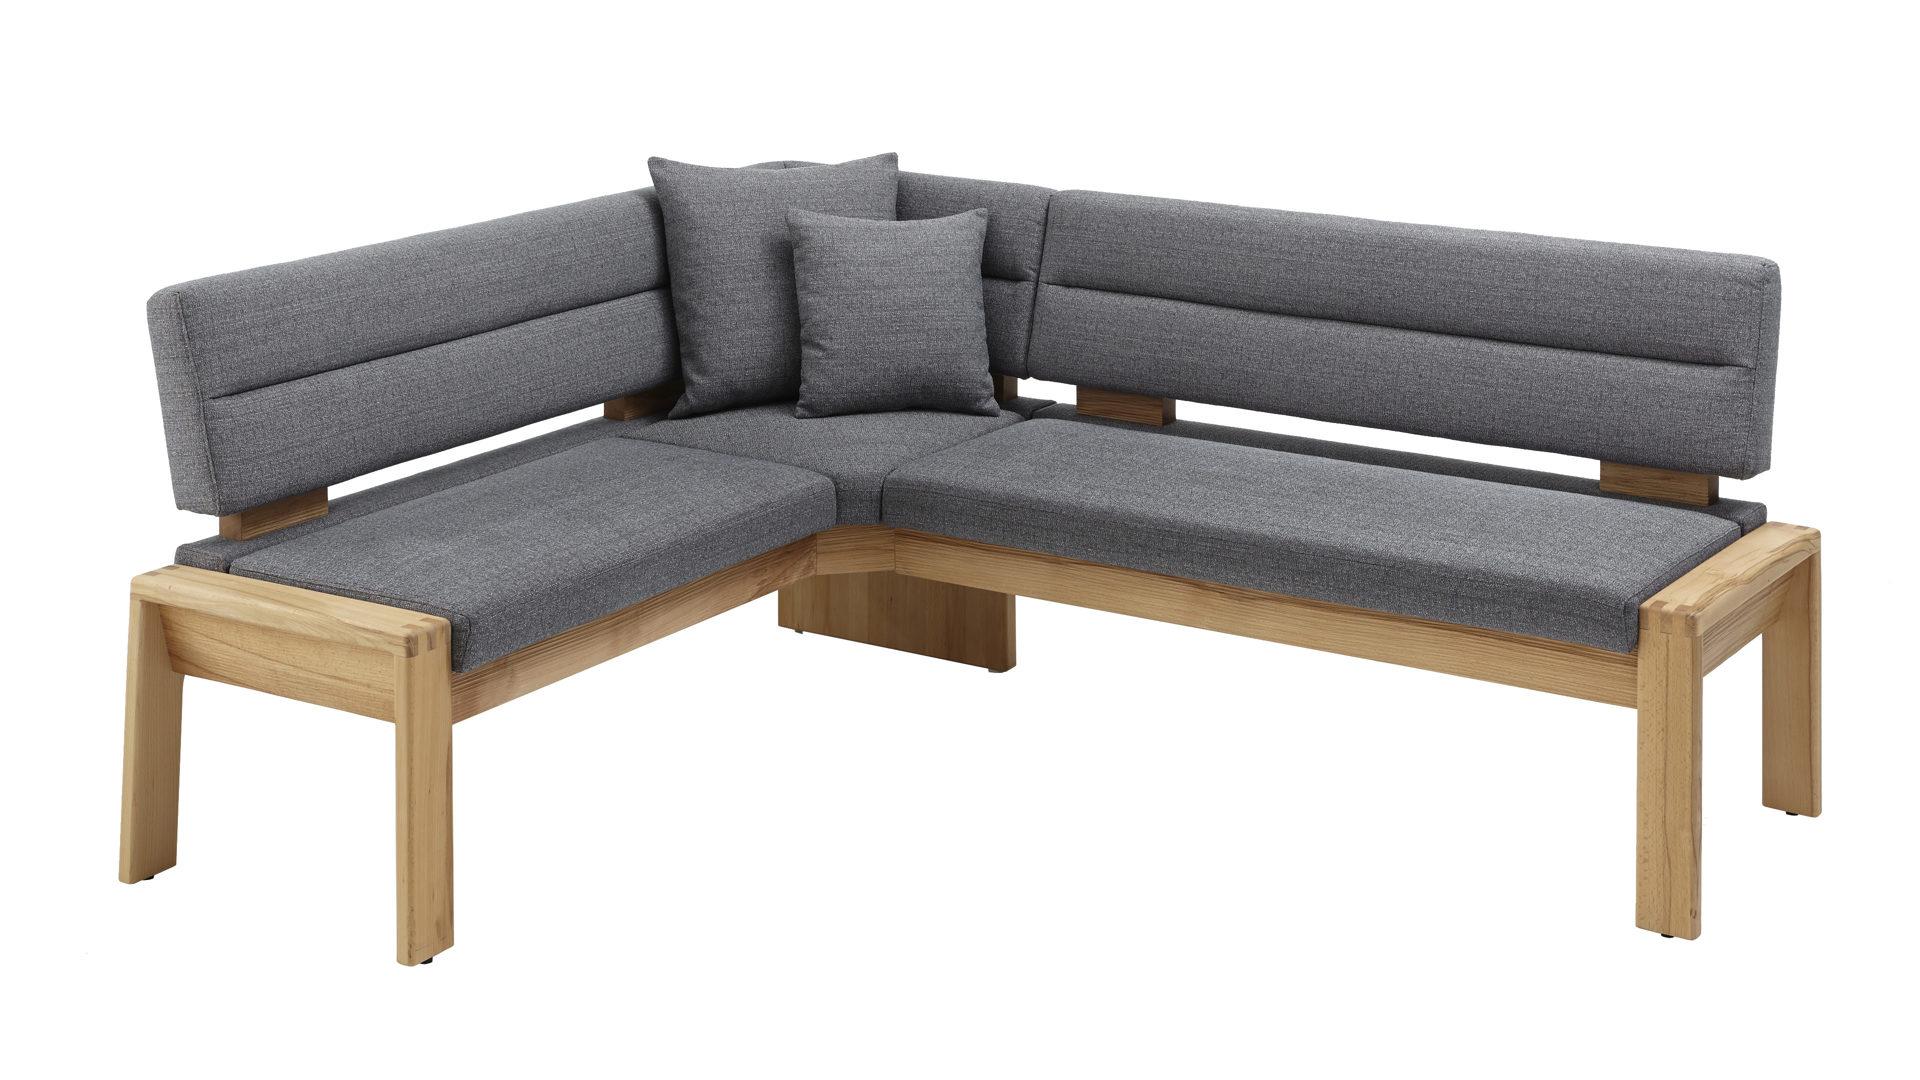 hertel möbel gesees | combinessa eckbank genua | k+w polstermöbel, Hause ideen